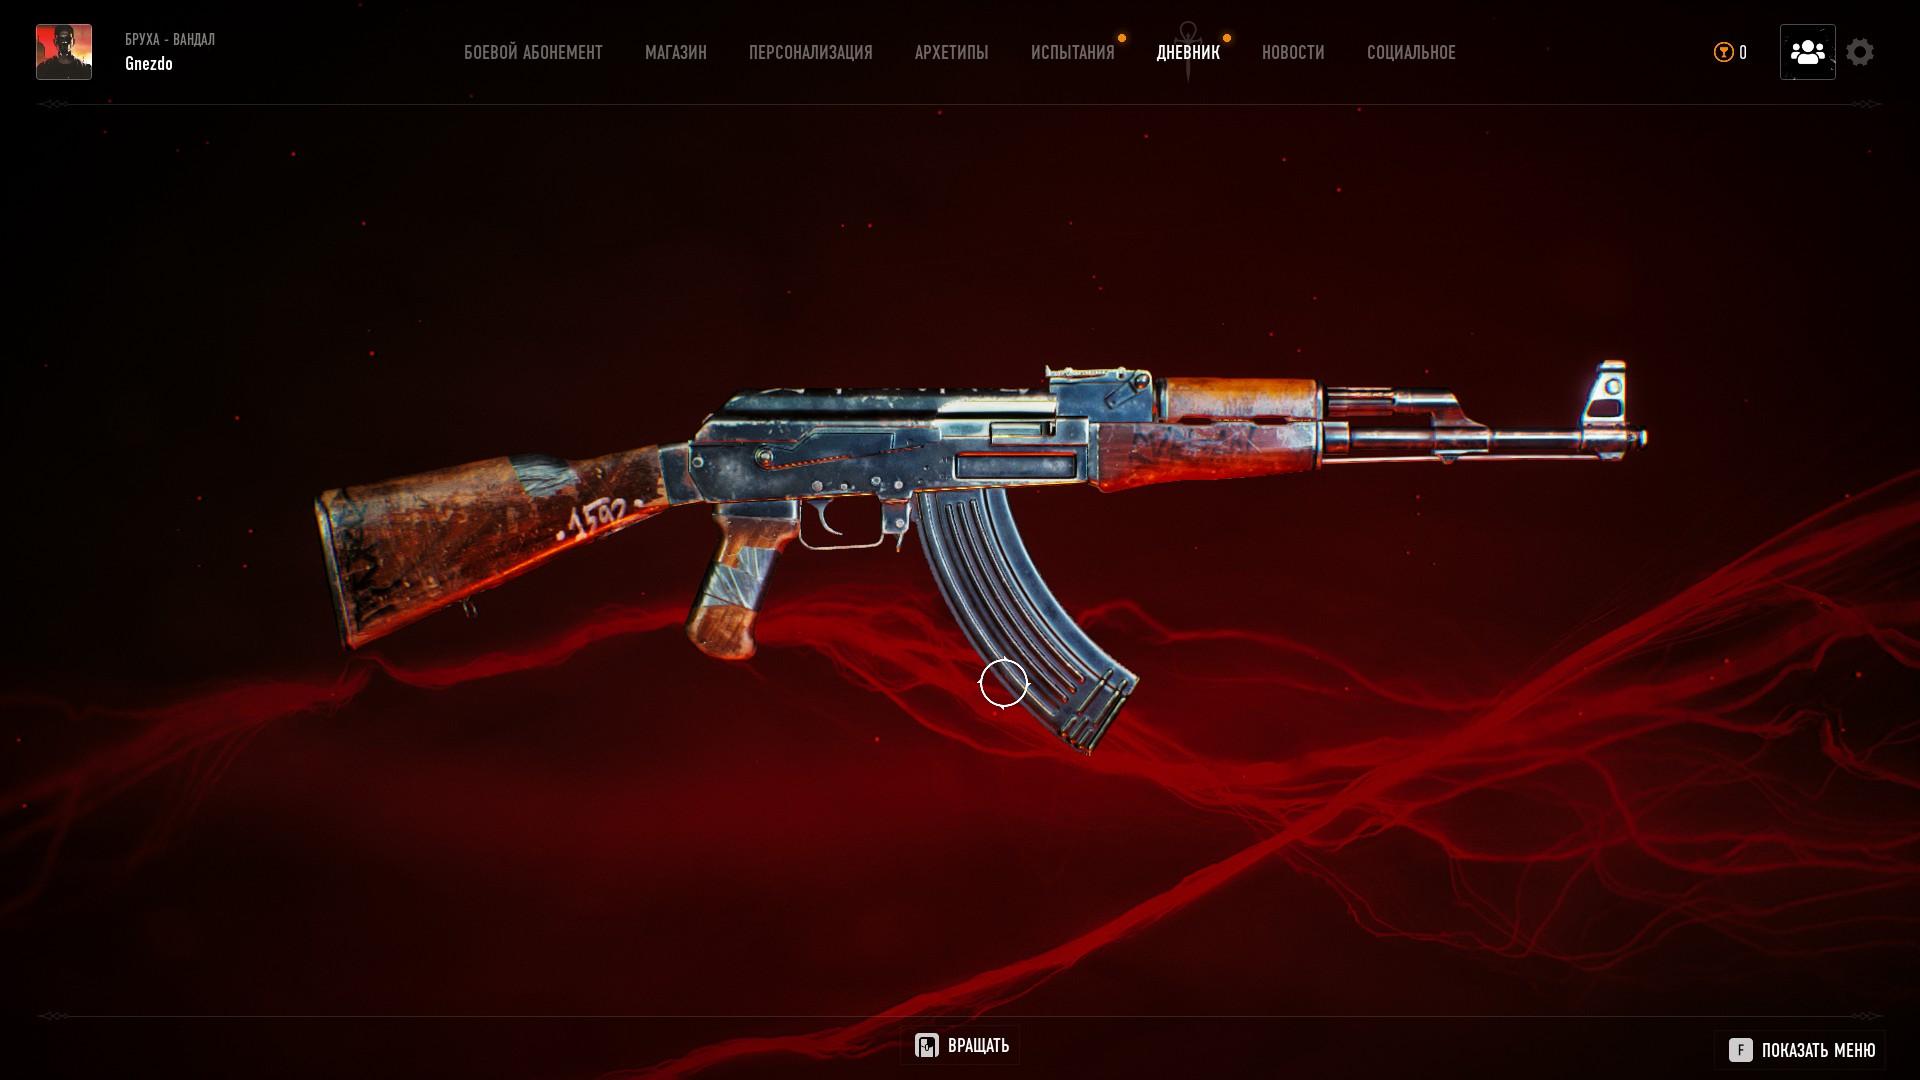 Bloodhunt - List of All Weapons + Damage + Gun HP - Assault rifle - 34BEECE